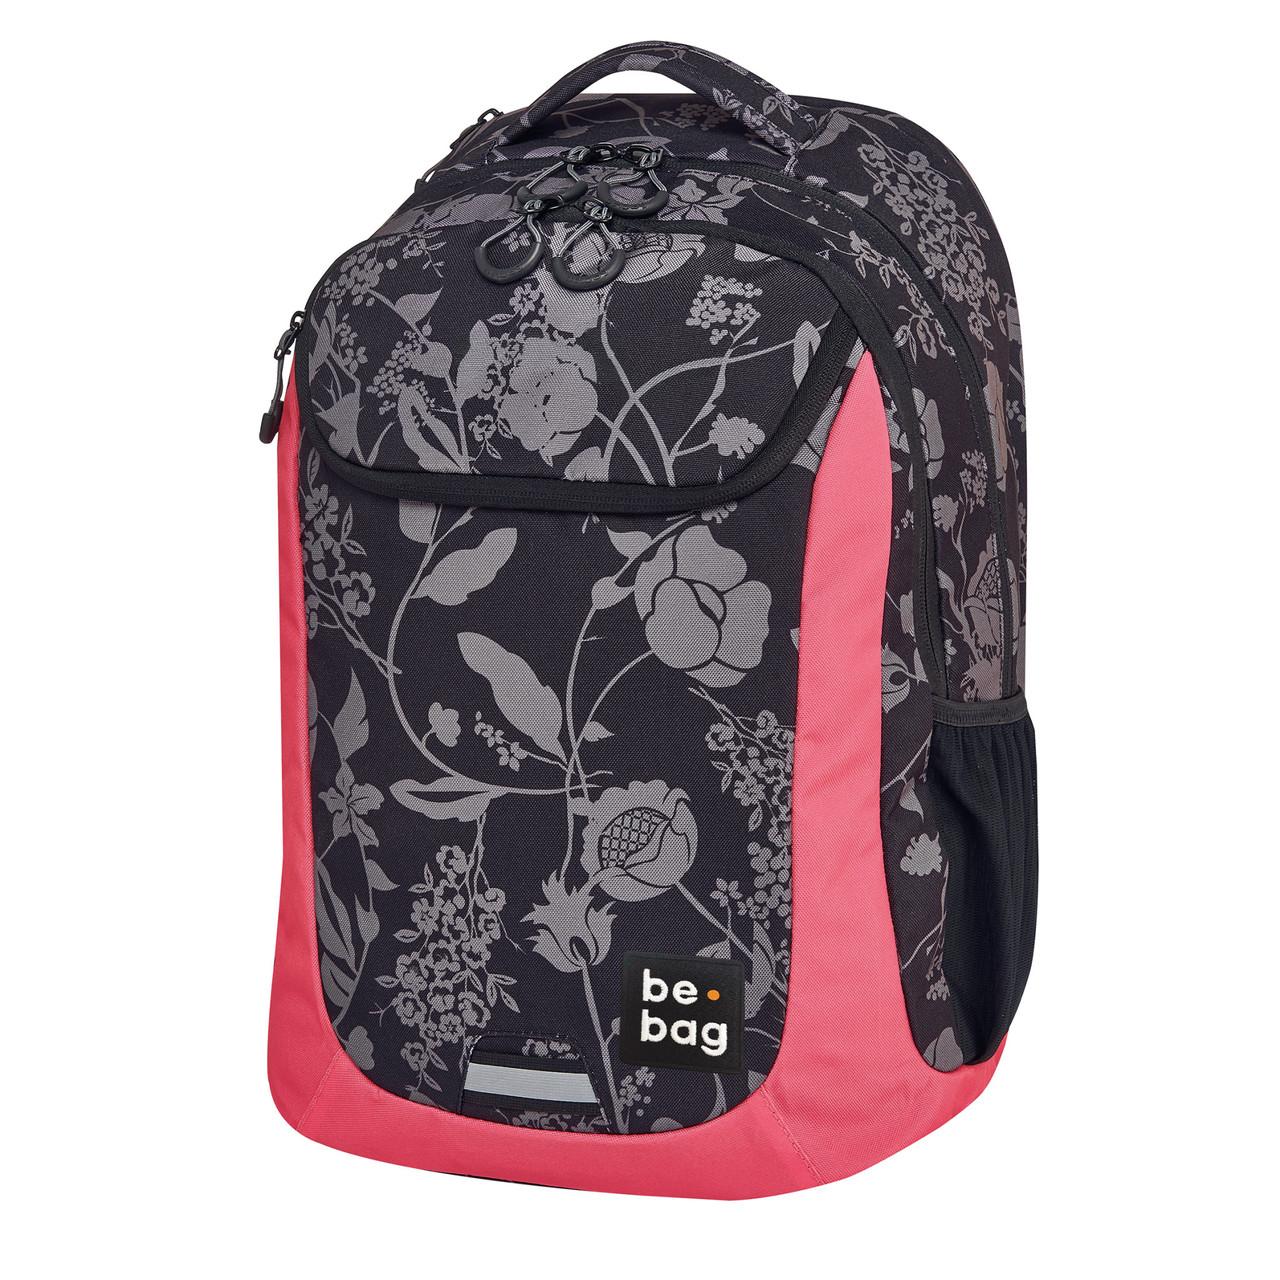 """Рюкзак Herlitz Be.Bag be.active Mystic Flowers чорно-рожевий """"квіти"""""""